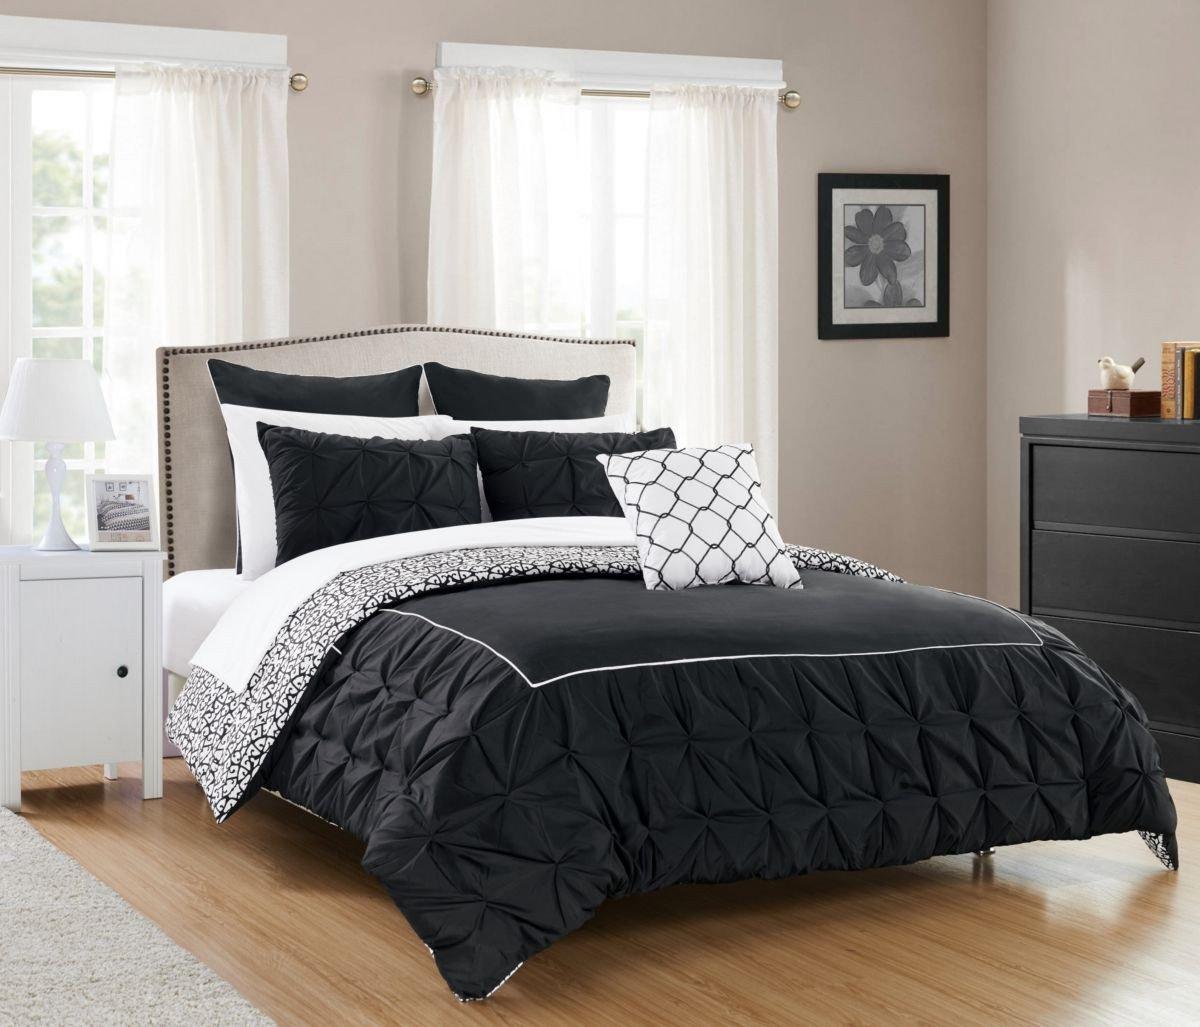 Black Bedroom Comforter Set Inspirational Chic Home assen 10 Pc Queen forter Set Beige